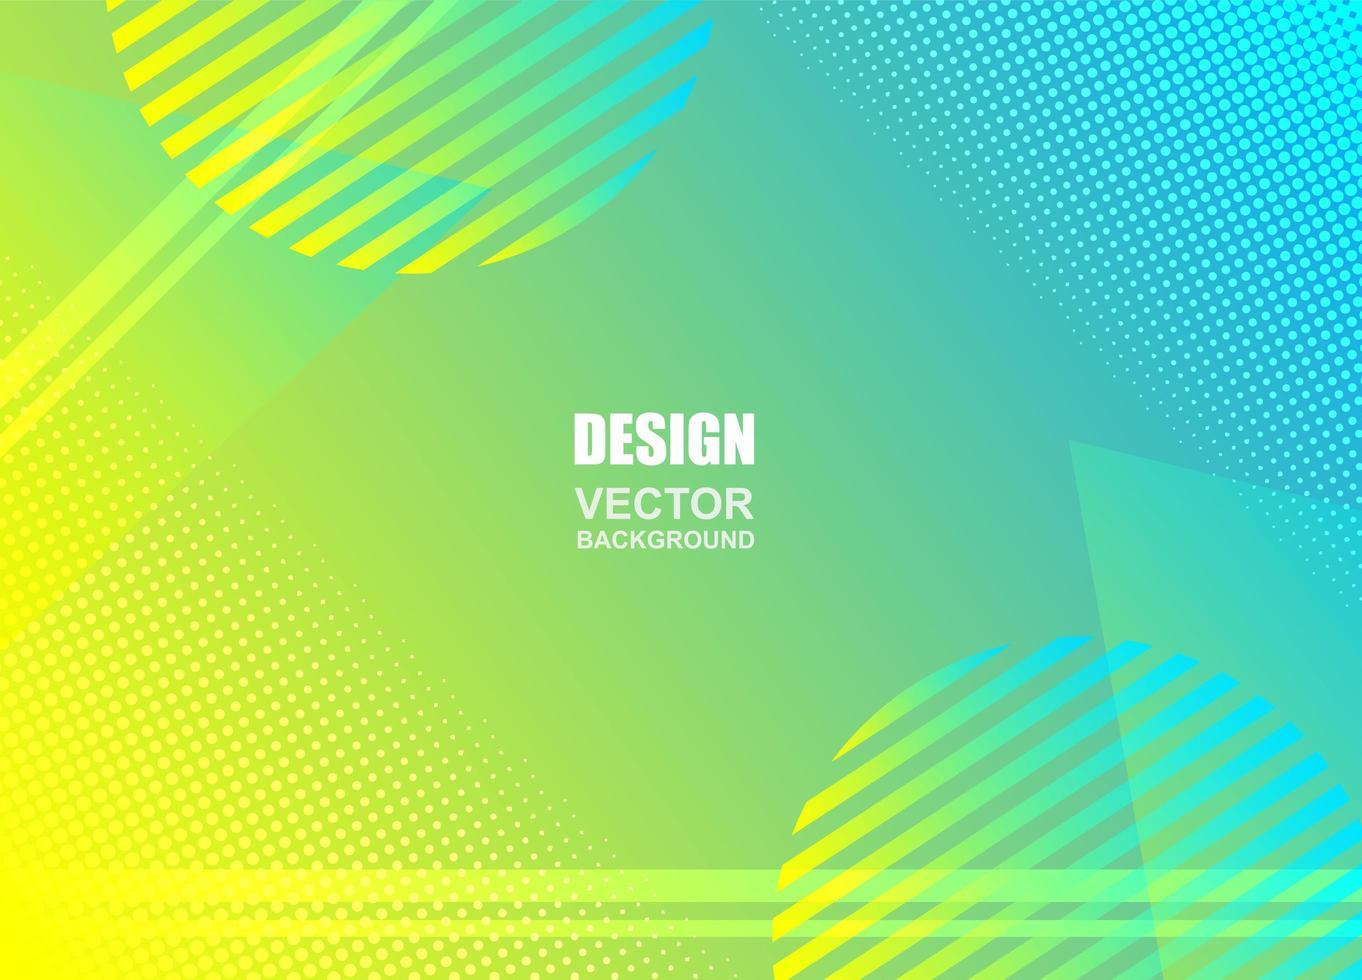 geometrisches Design des blauen gelben Farbverlaufs vektor